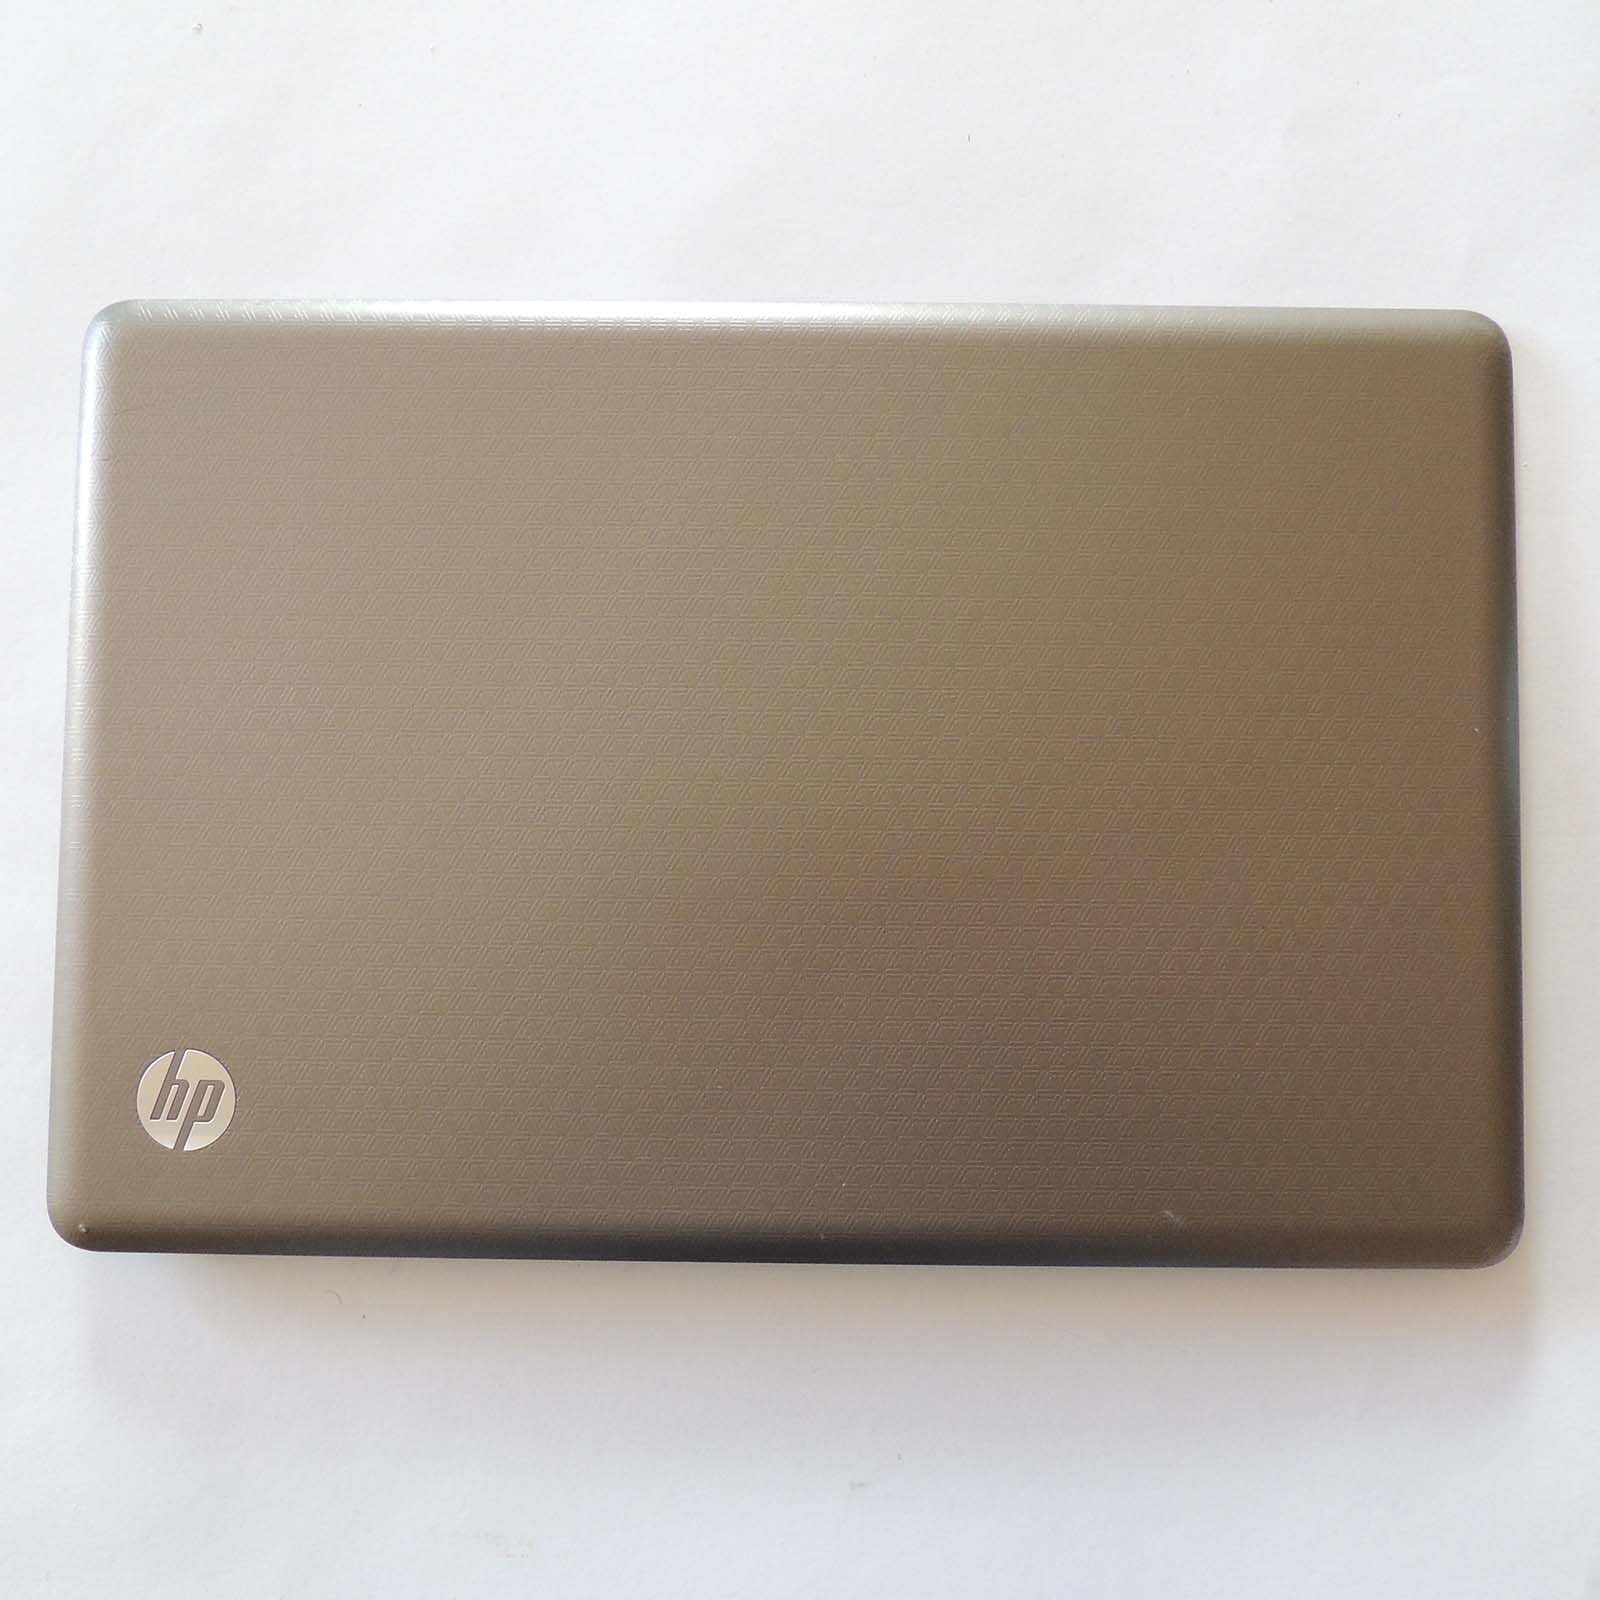 Scocca schermo HP pavilion G62 MICROFONO ANTENNE WIFI E WEBCAM